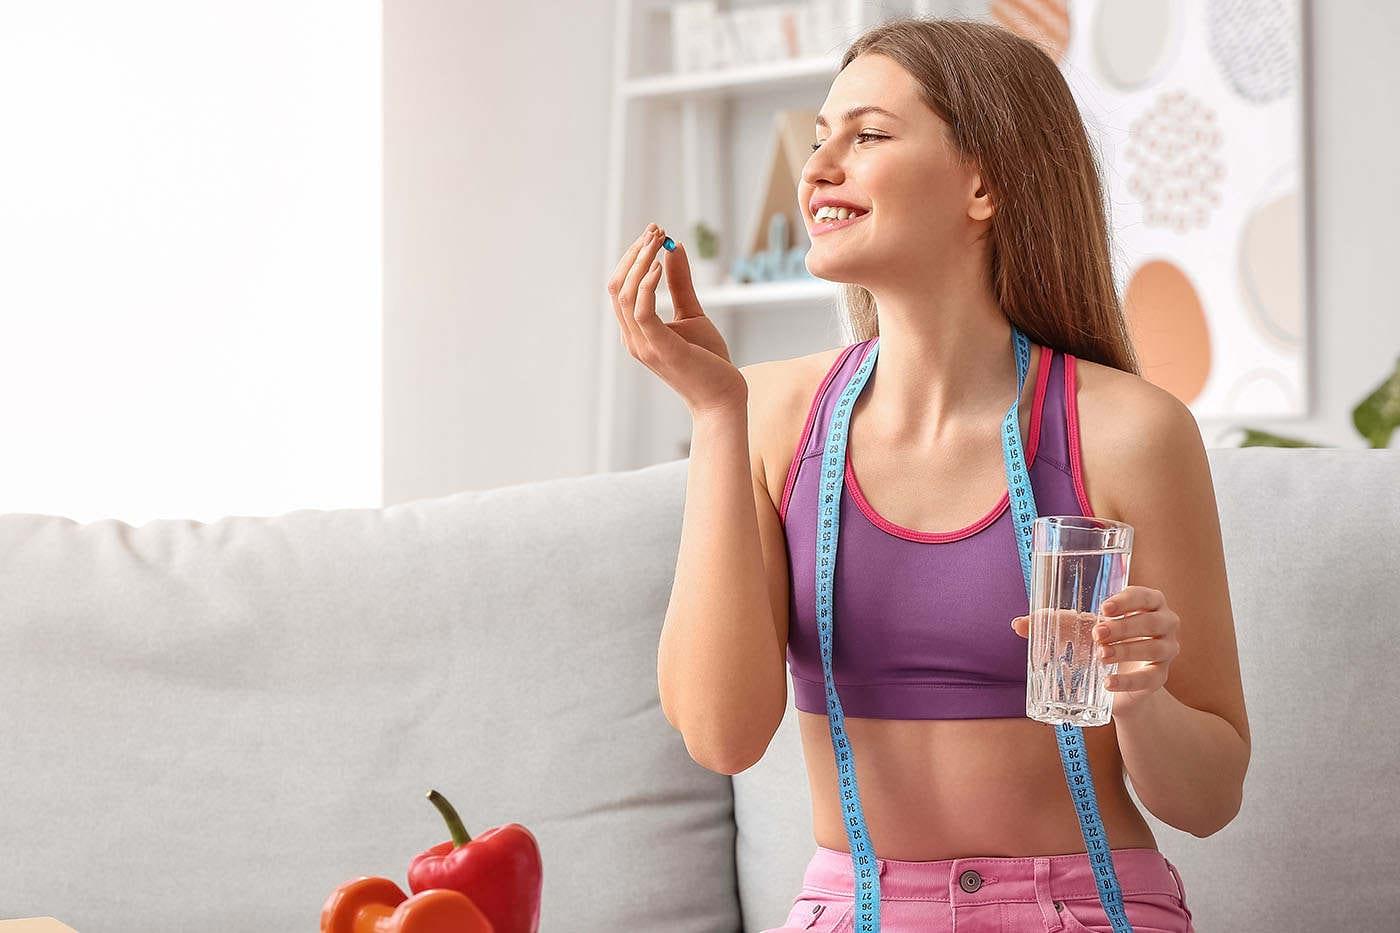 Ubiquinolul și rolul său în recuperarea după efortul fizic